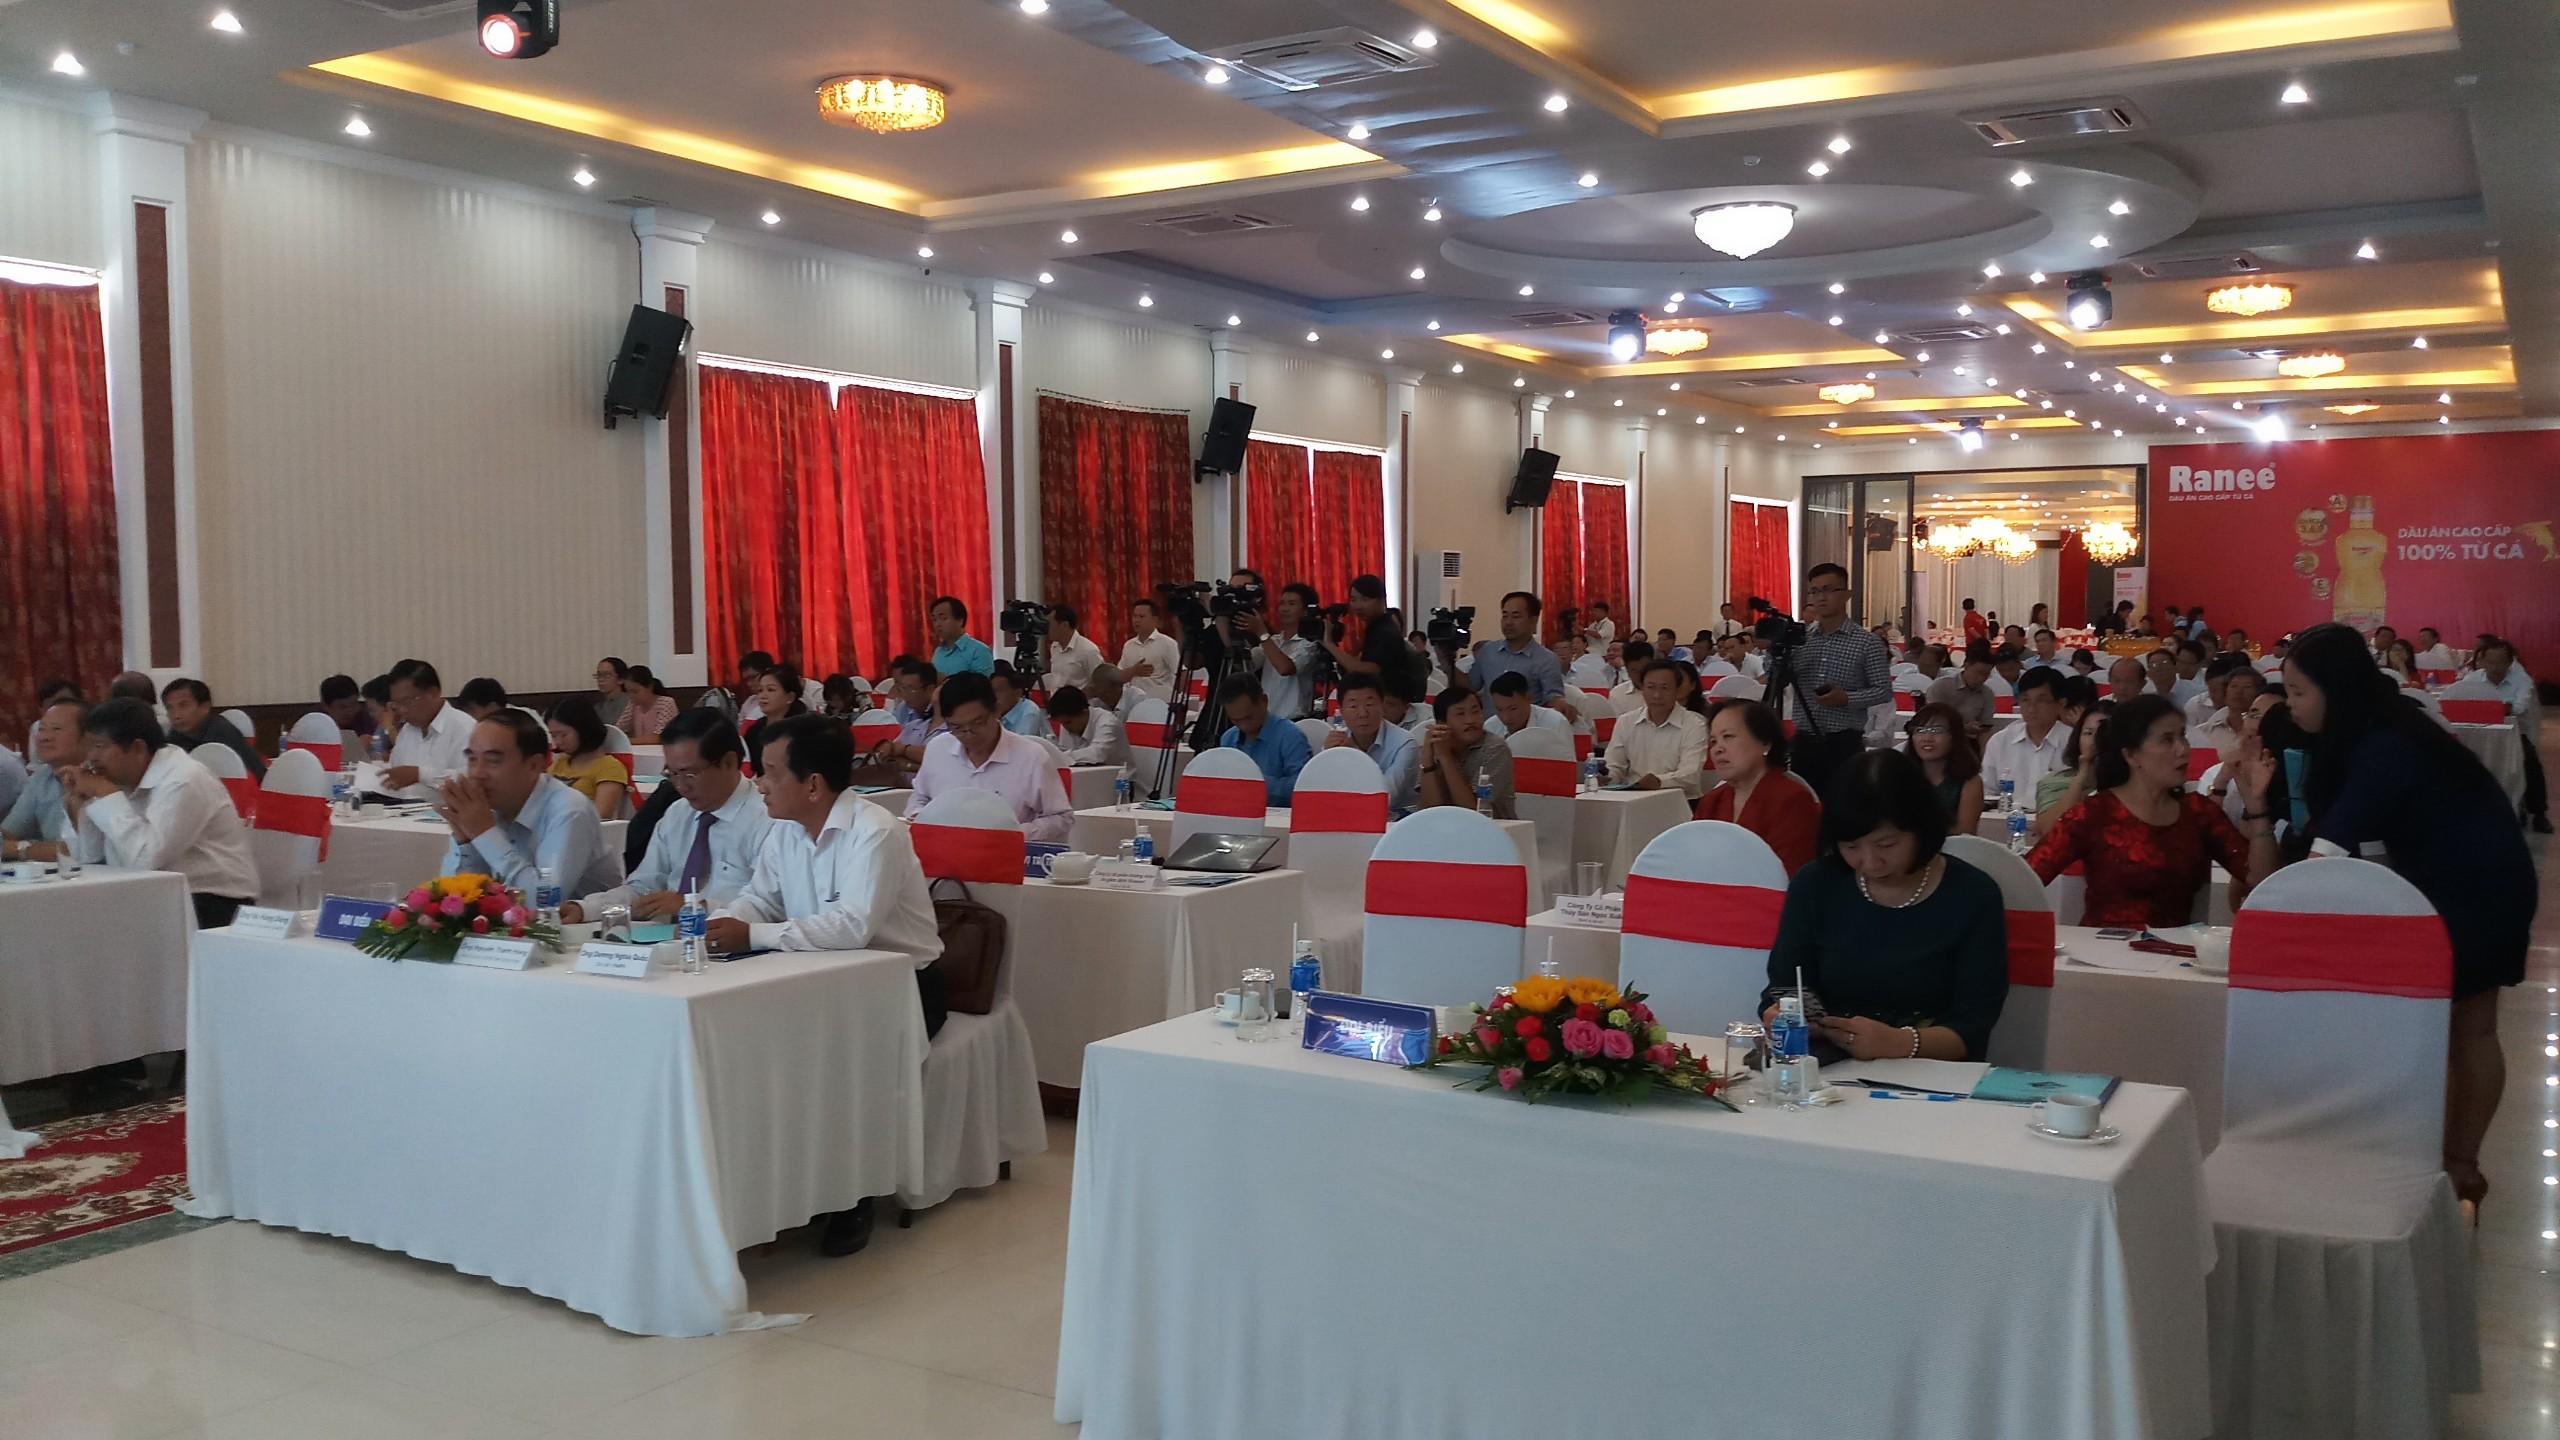 VINAPA: Mời tham dự Diễn đàn chuỗi ngành hàng cá Tra Việt Nam ngày 11/12/2019 tại Tp Cao Lãnh, tỉnh Đồng Tháp